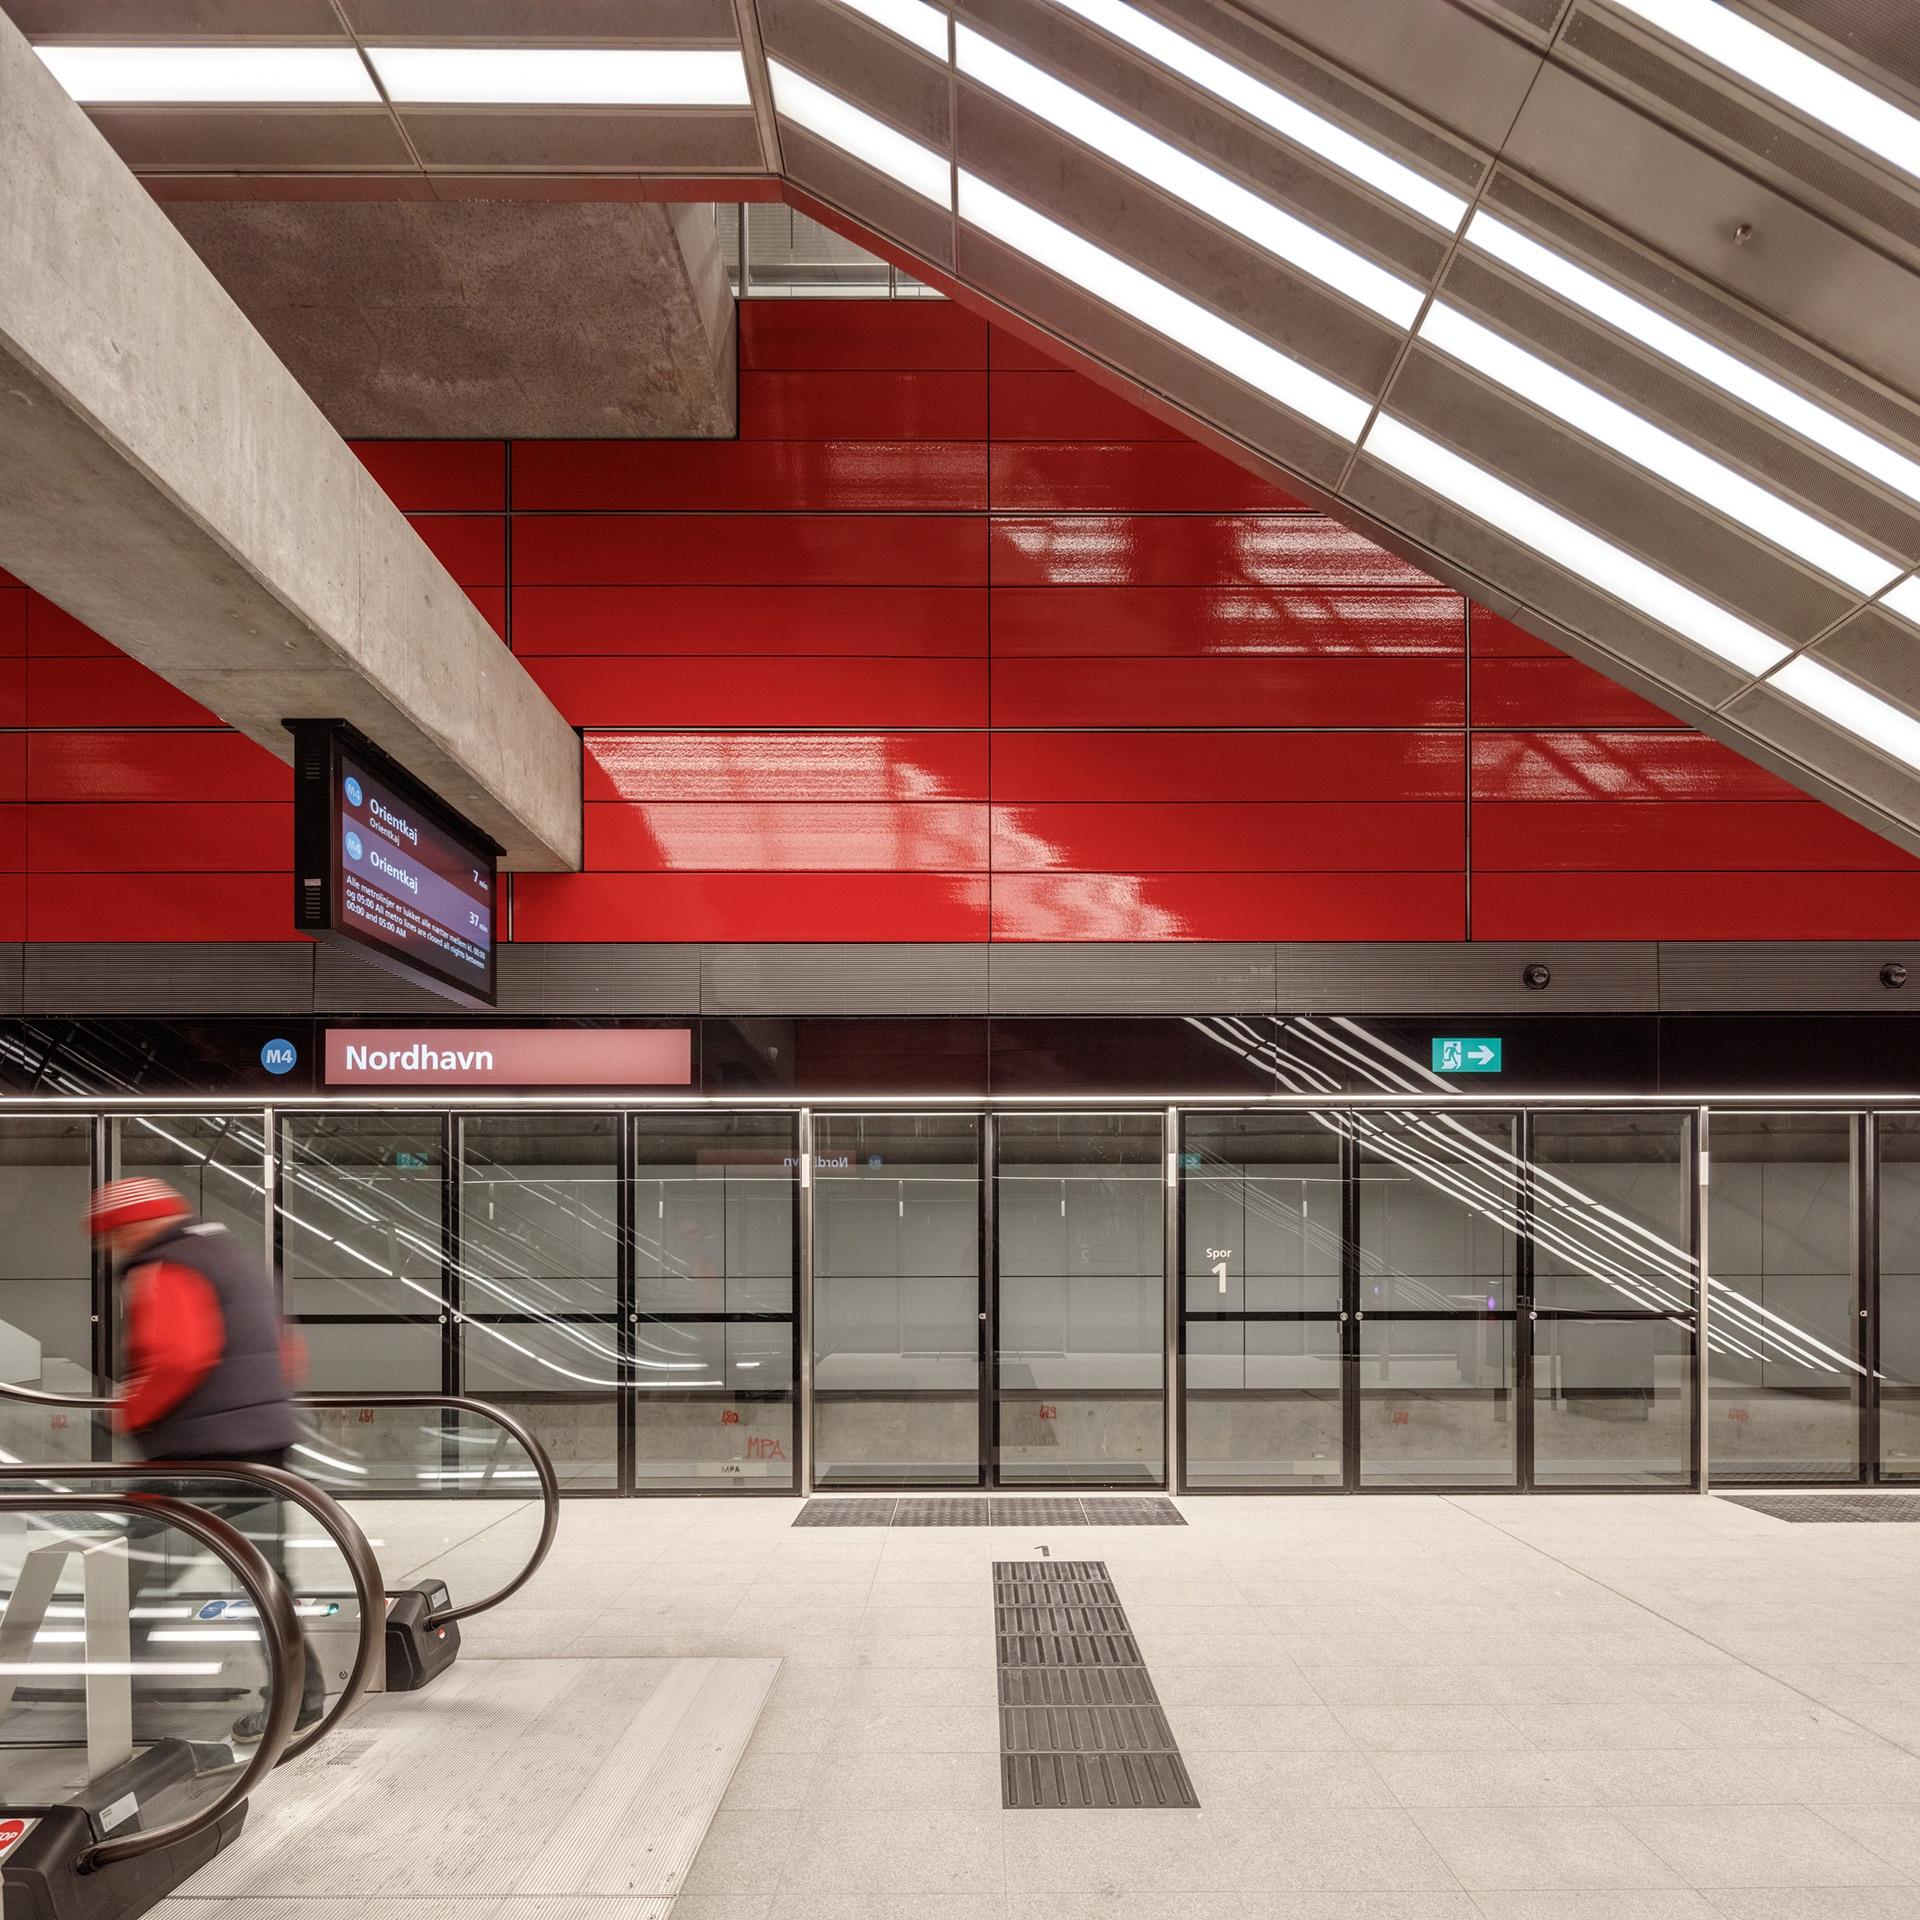 R_Hjortshoj - Metro Nordhavn WEB-21